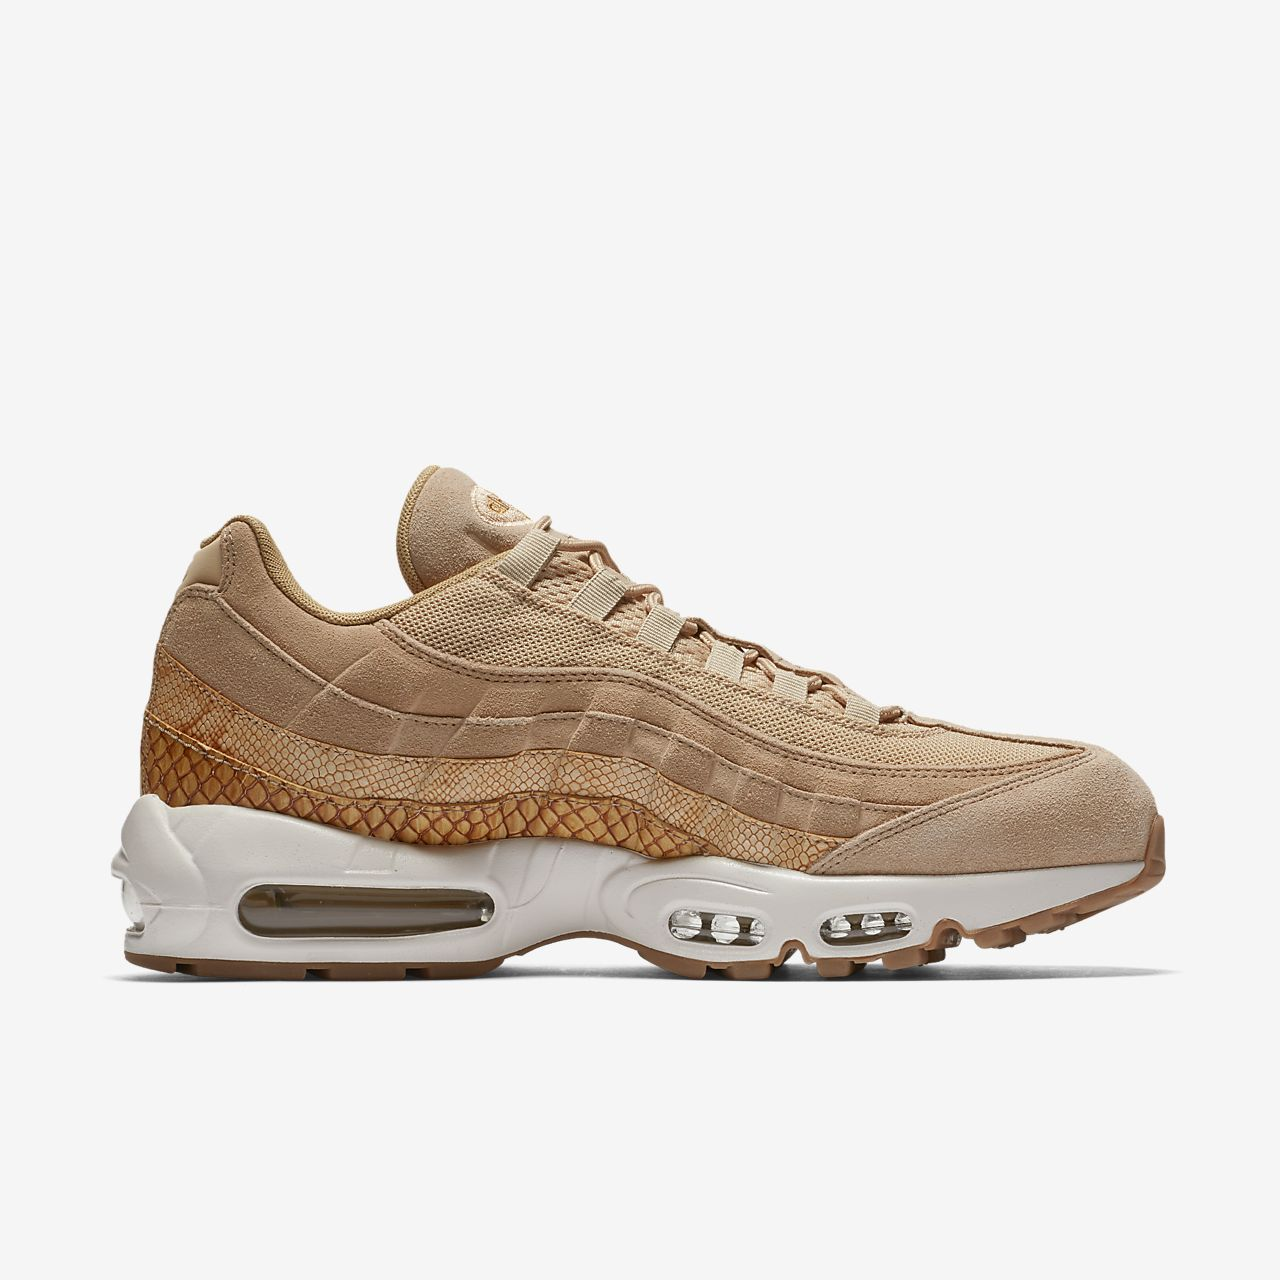 nike scarpe air max 95